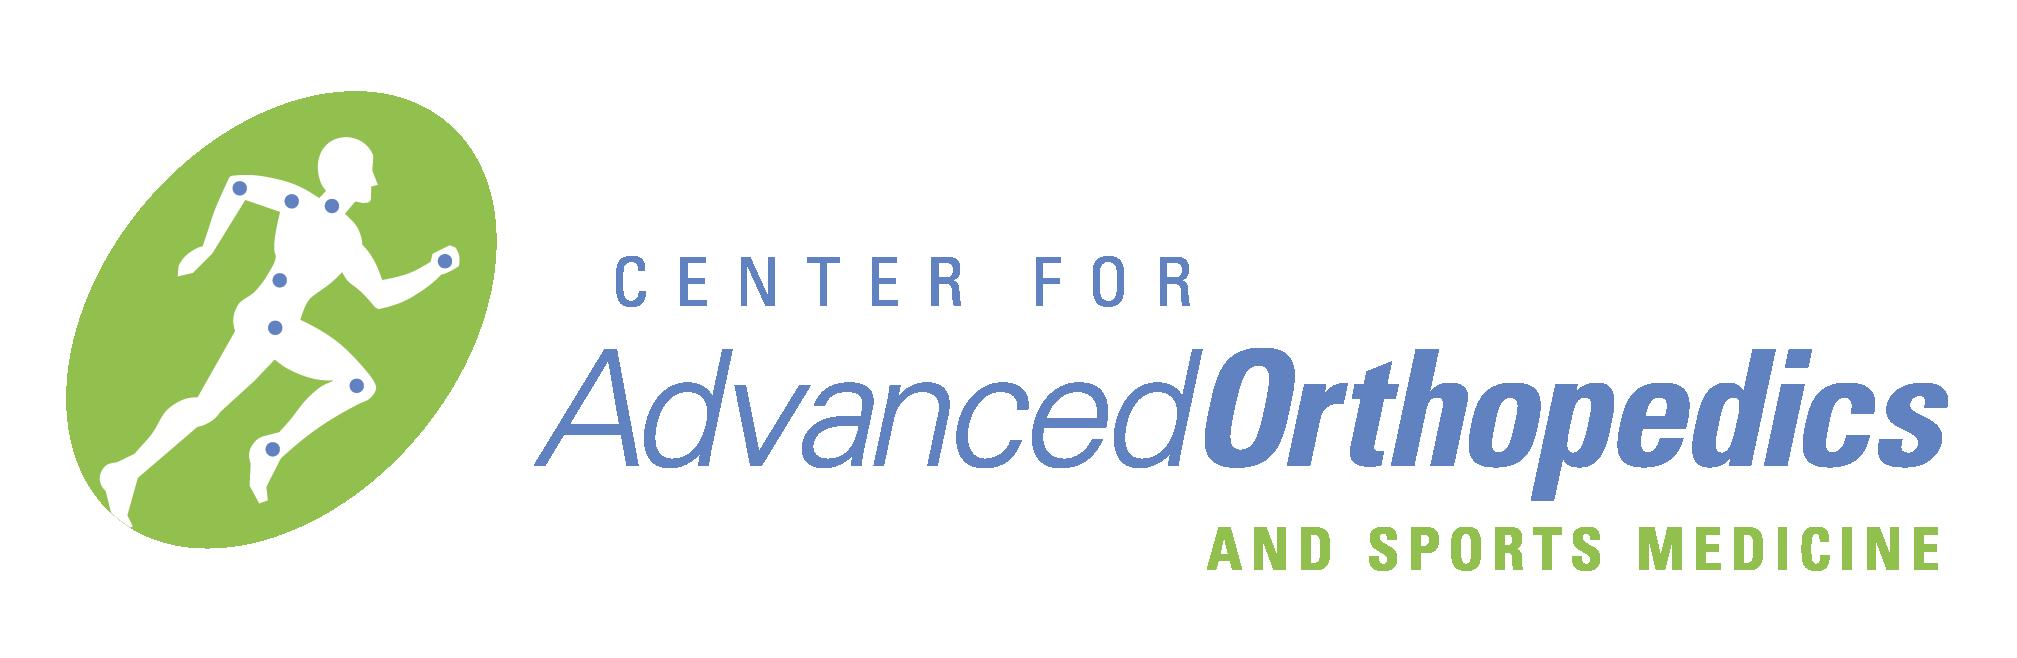 Center For Advanced Orthopedics Knee Hip Spine Care